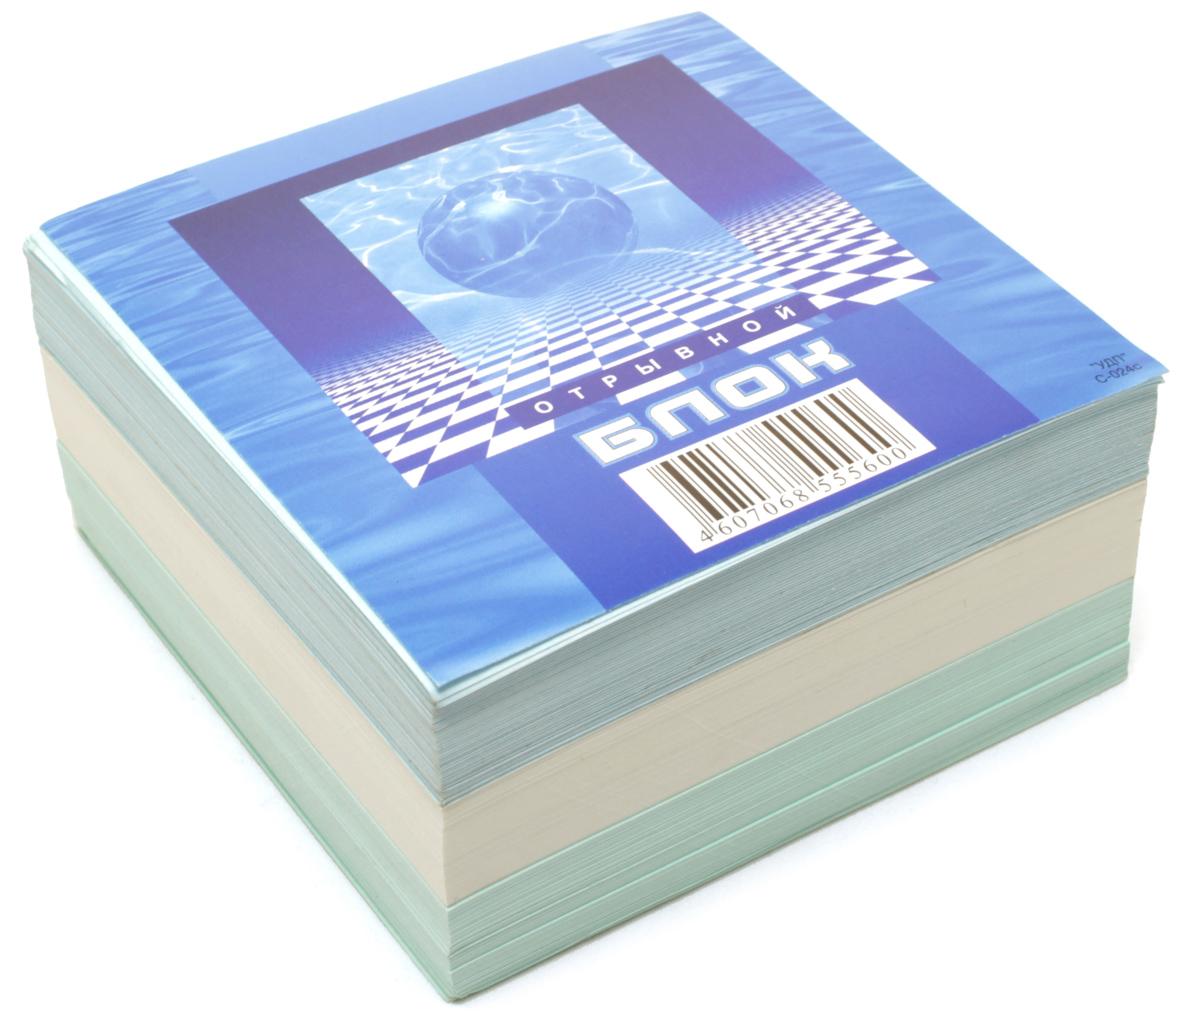 Ульяновский Дом печати Бумага для заметок цветная С-024С-024Бумага для заметок Ульяновский Дом печати - это удобное и практическое решение для быстрой записи информации дома или на работе. Блок состоит из листов бумаги трех цветов и имеет размер 9 см х 9 см х 4,5 см.